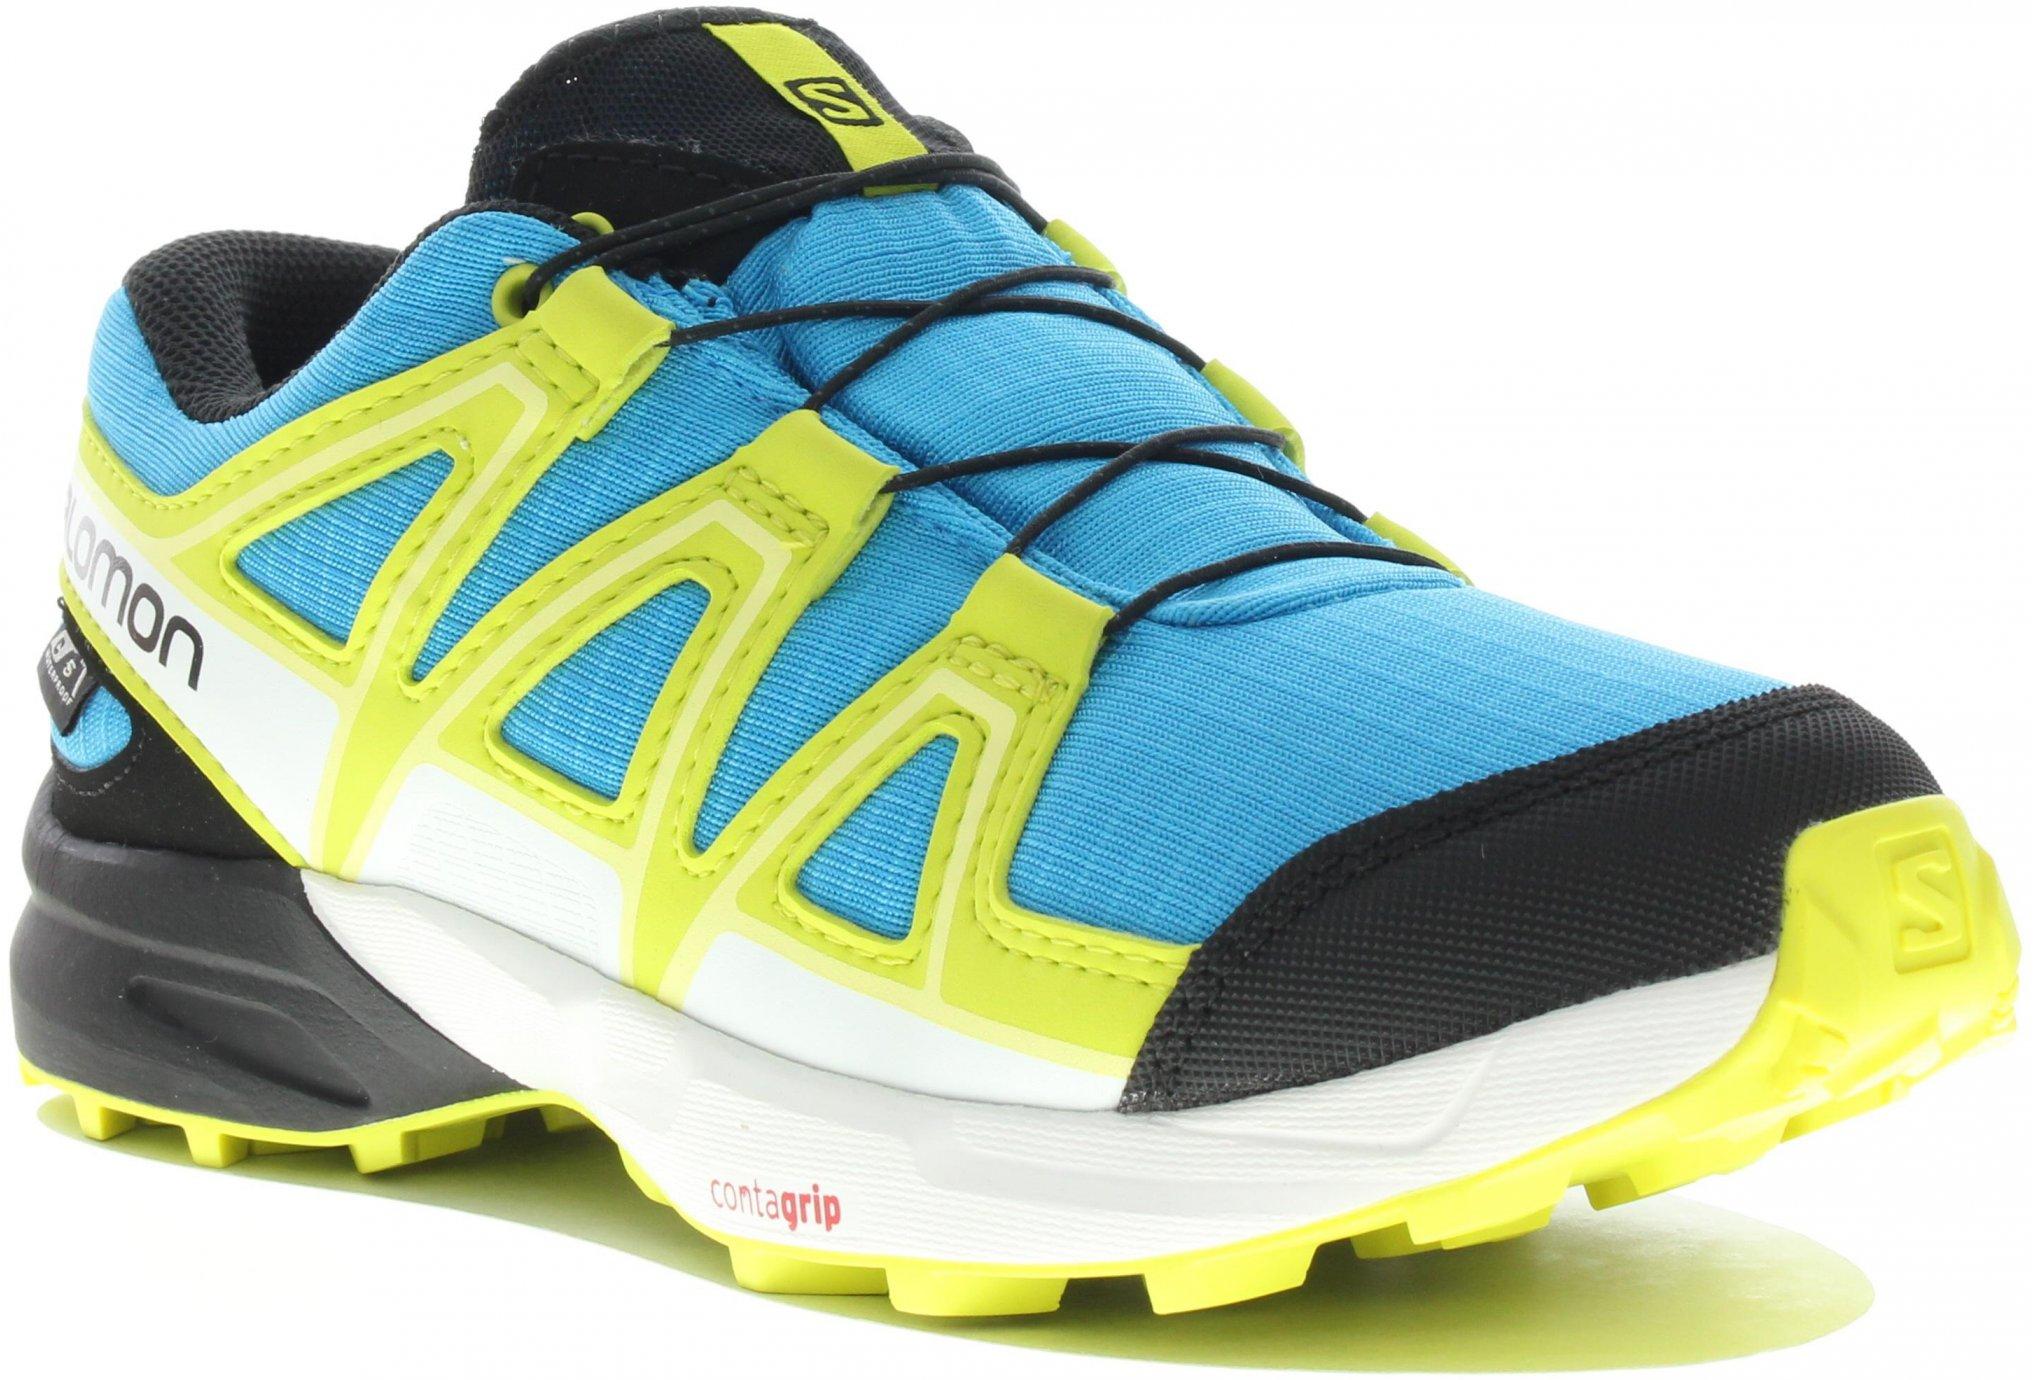 Salomon Speedcross CSWP Junior Chaussures homme